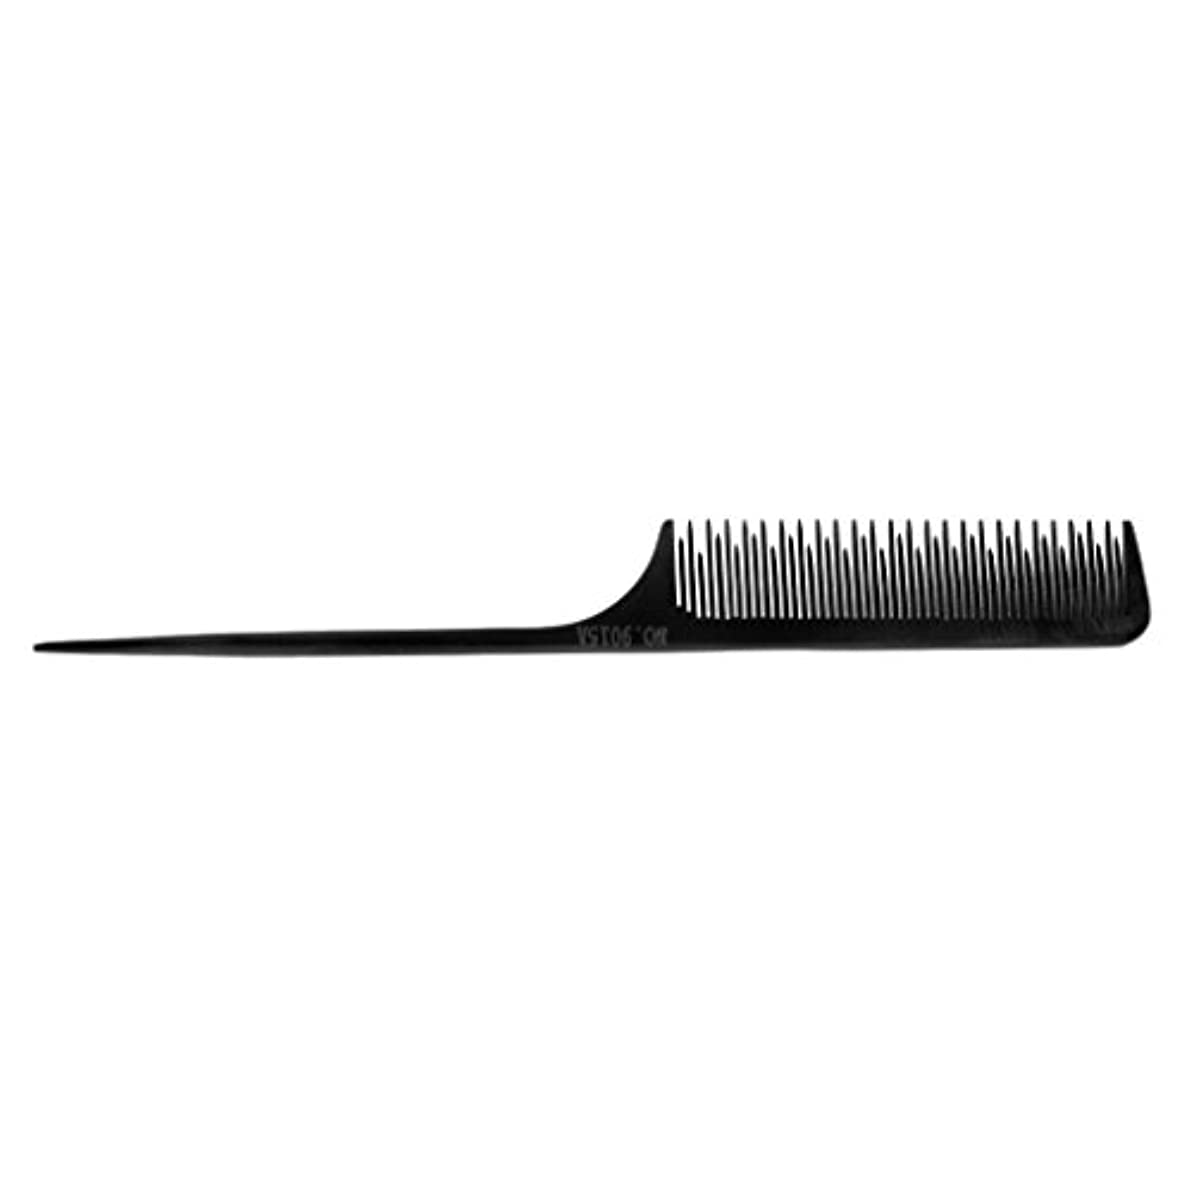 トラフィックショッピングセンター悲惨なToygogo サロン理髪店